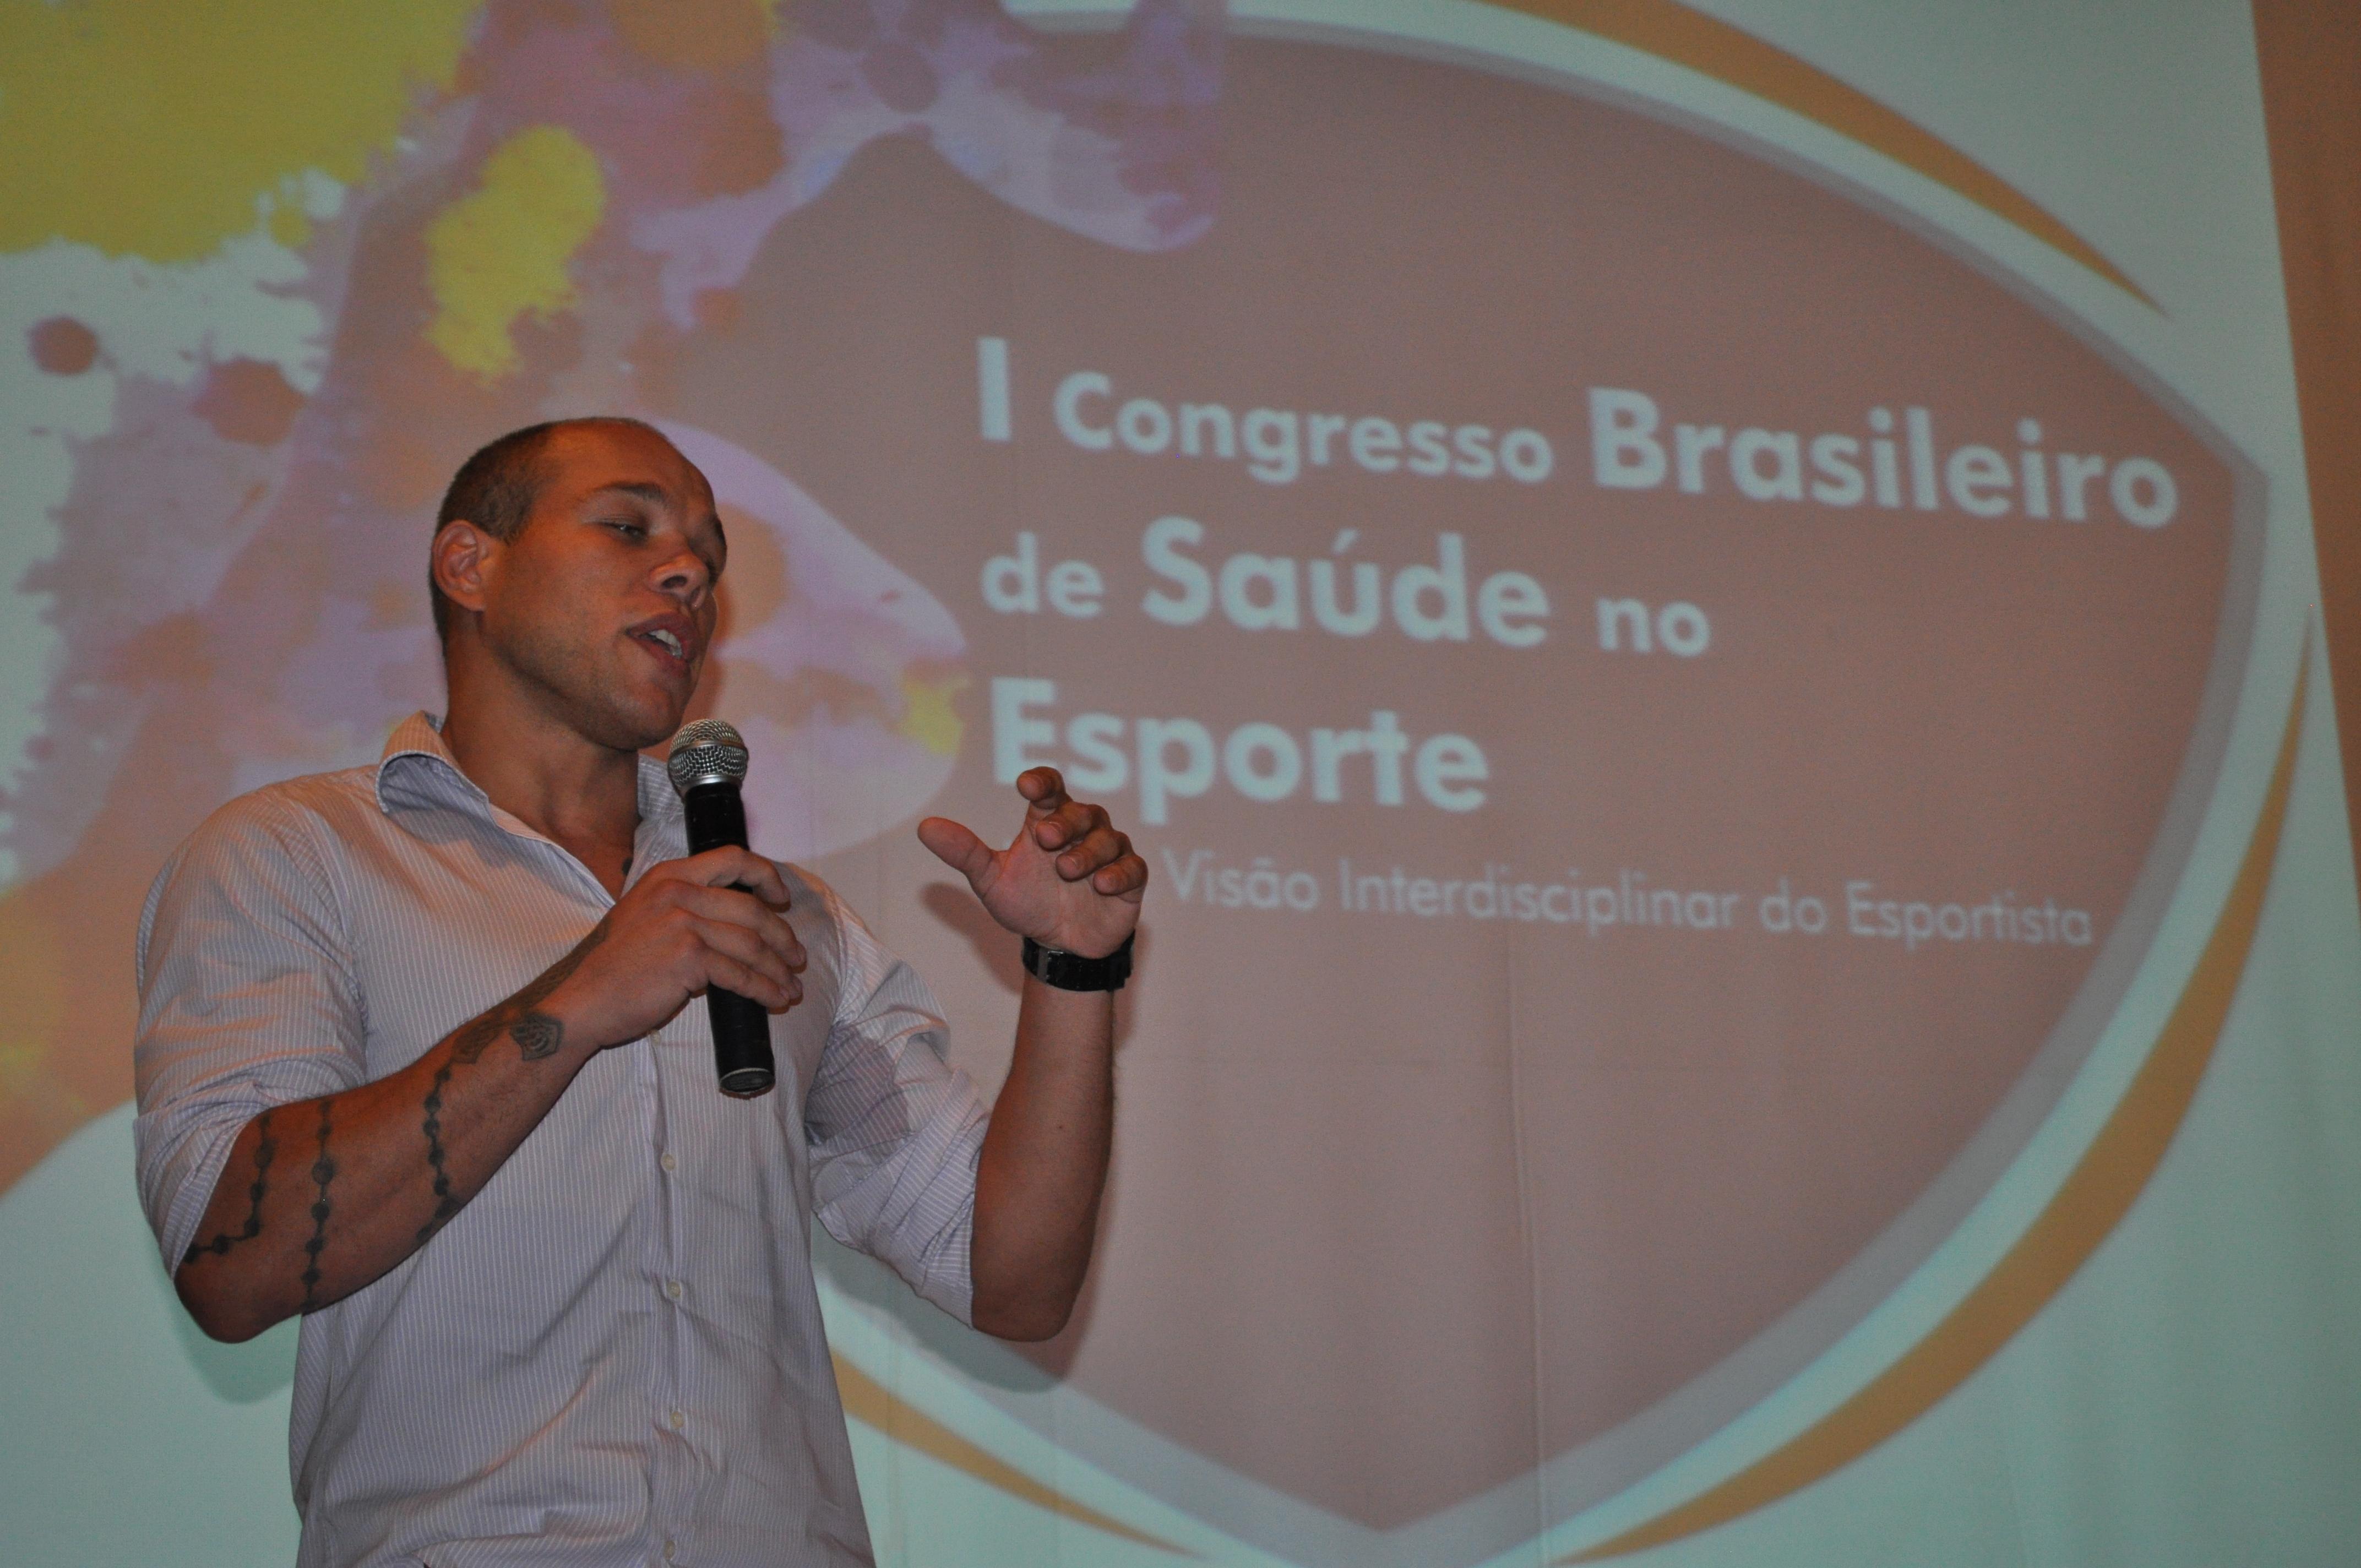 Campo Grande recebeu o I Congresso Brasileiro de Saúde no Esporte